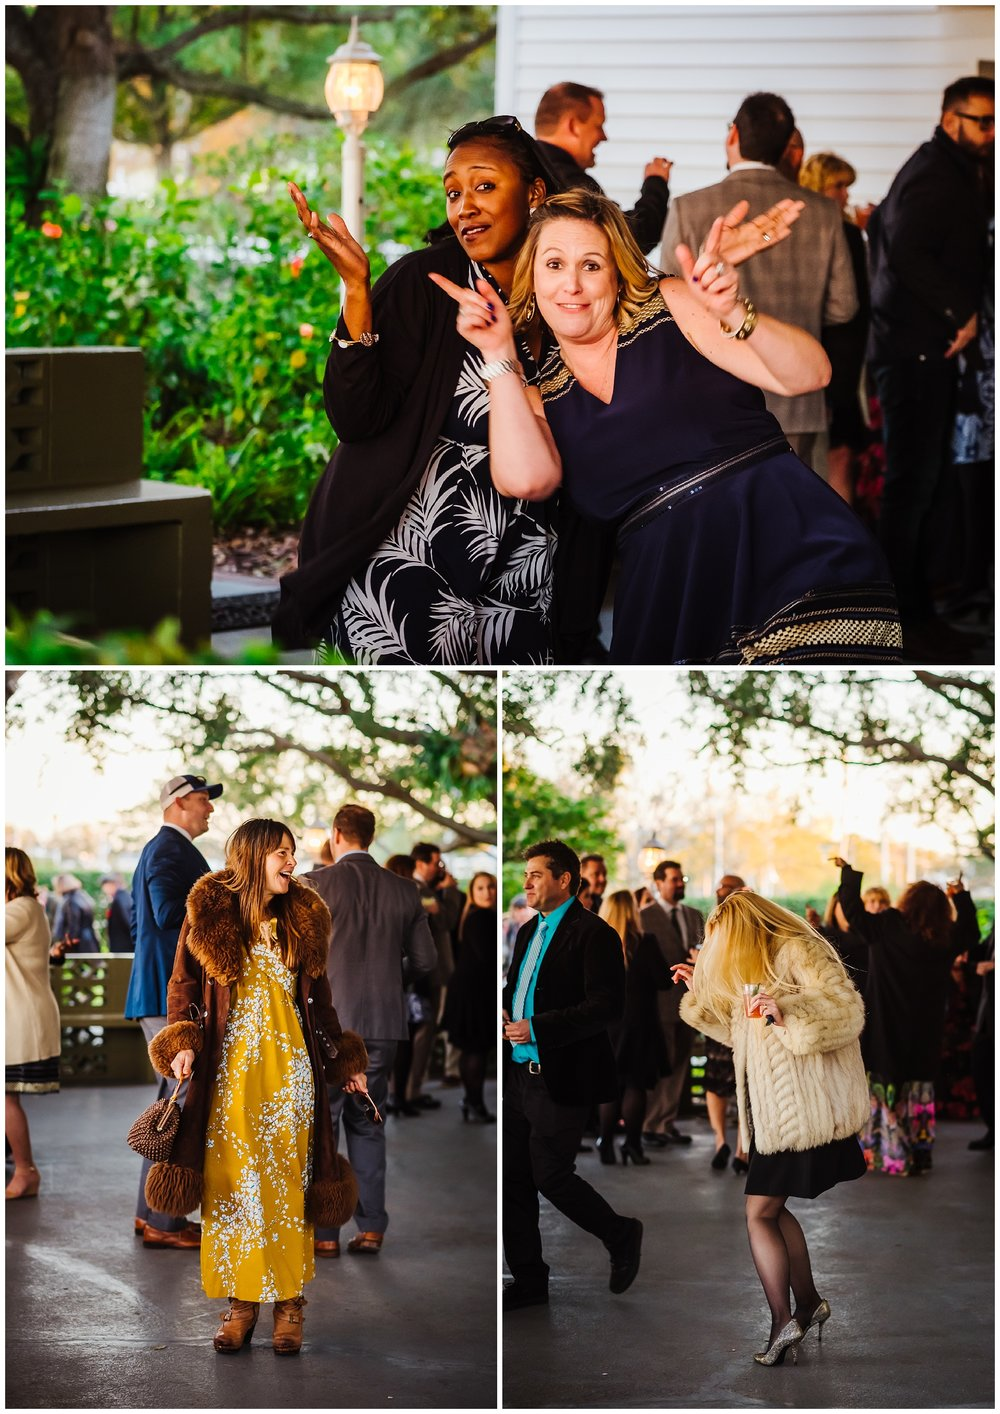 tampa-wedding-photographer-davis-island-flamingo-garden-alexander-mcqueen-non-traditional_0060.jpg